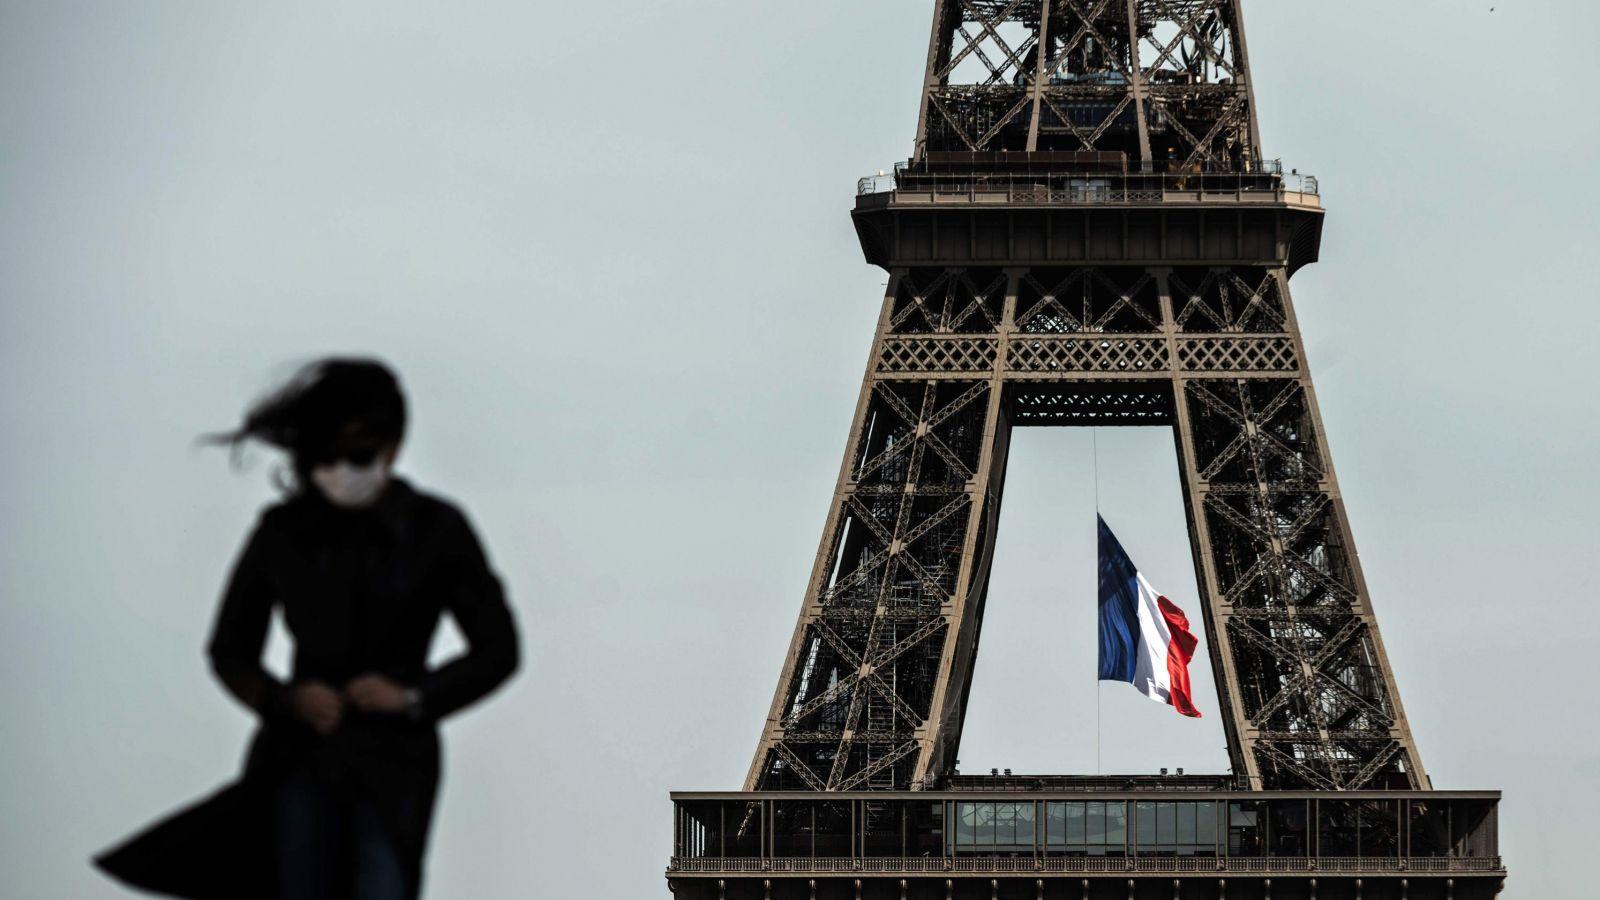 Πύργος του Άιφελ: Ανοίγει και πάλι το σήμα κατατεθέν του Παρισιού – Τα μέτρα λόγω κορονοϊού